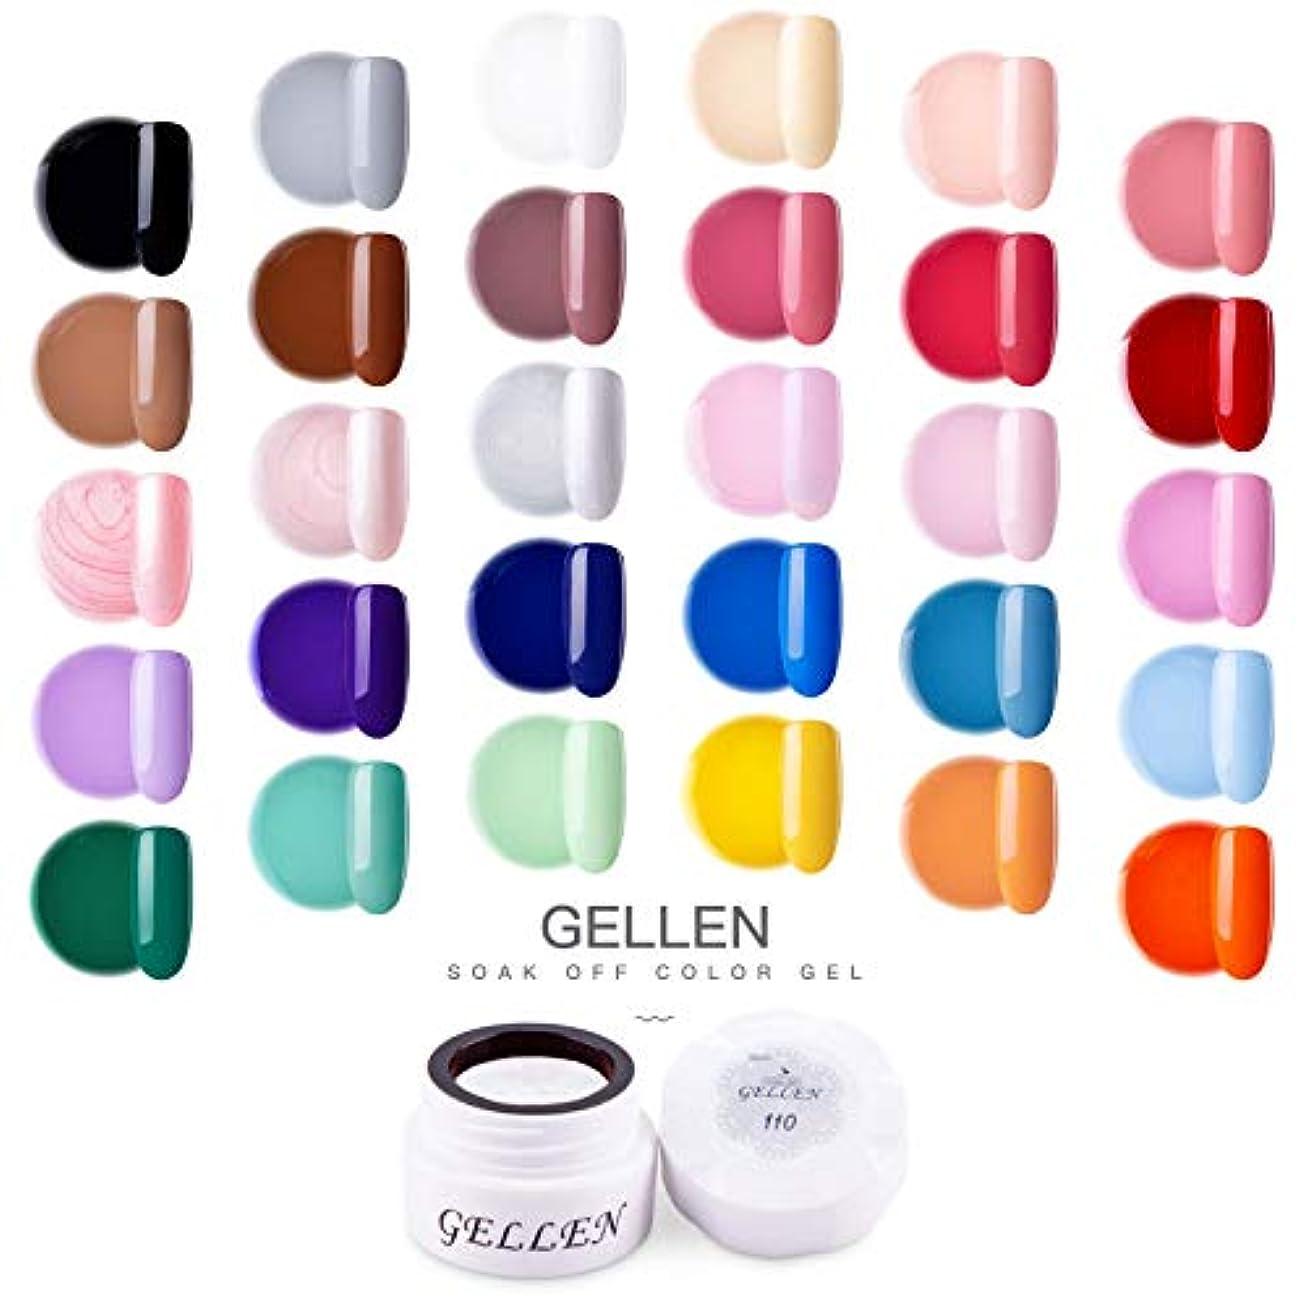 ケーブル間欠期間Gellen カラージェル 30色定番カラー セット 高品質 5g ジェルネイル カラー ネイルブラシ付き